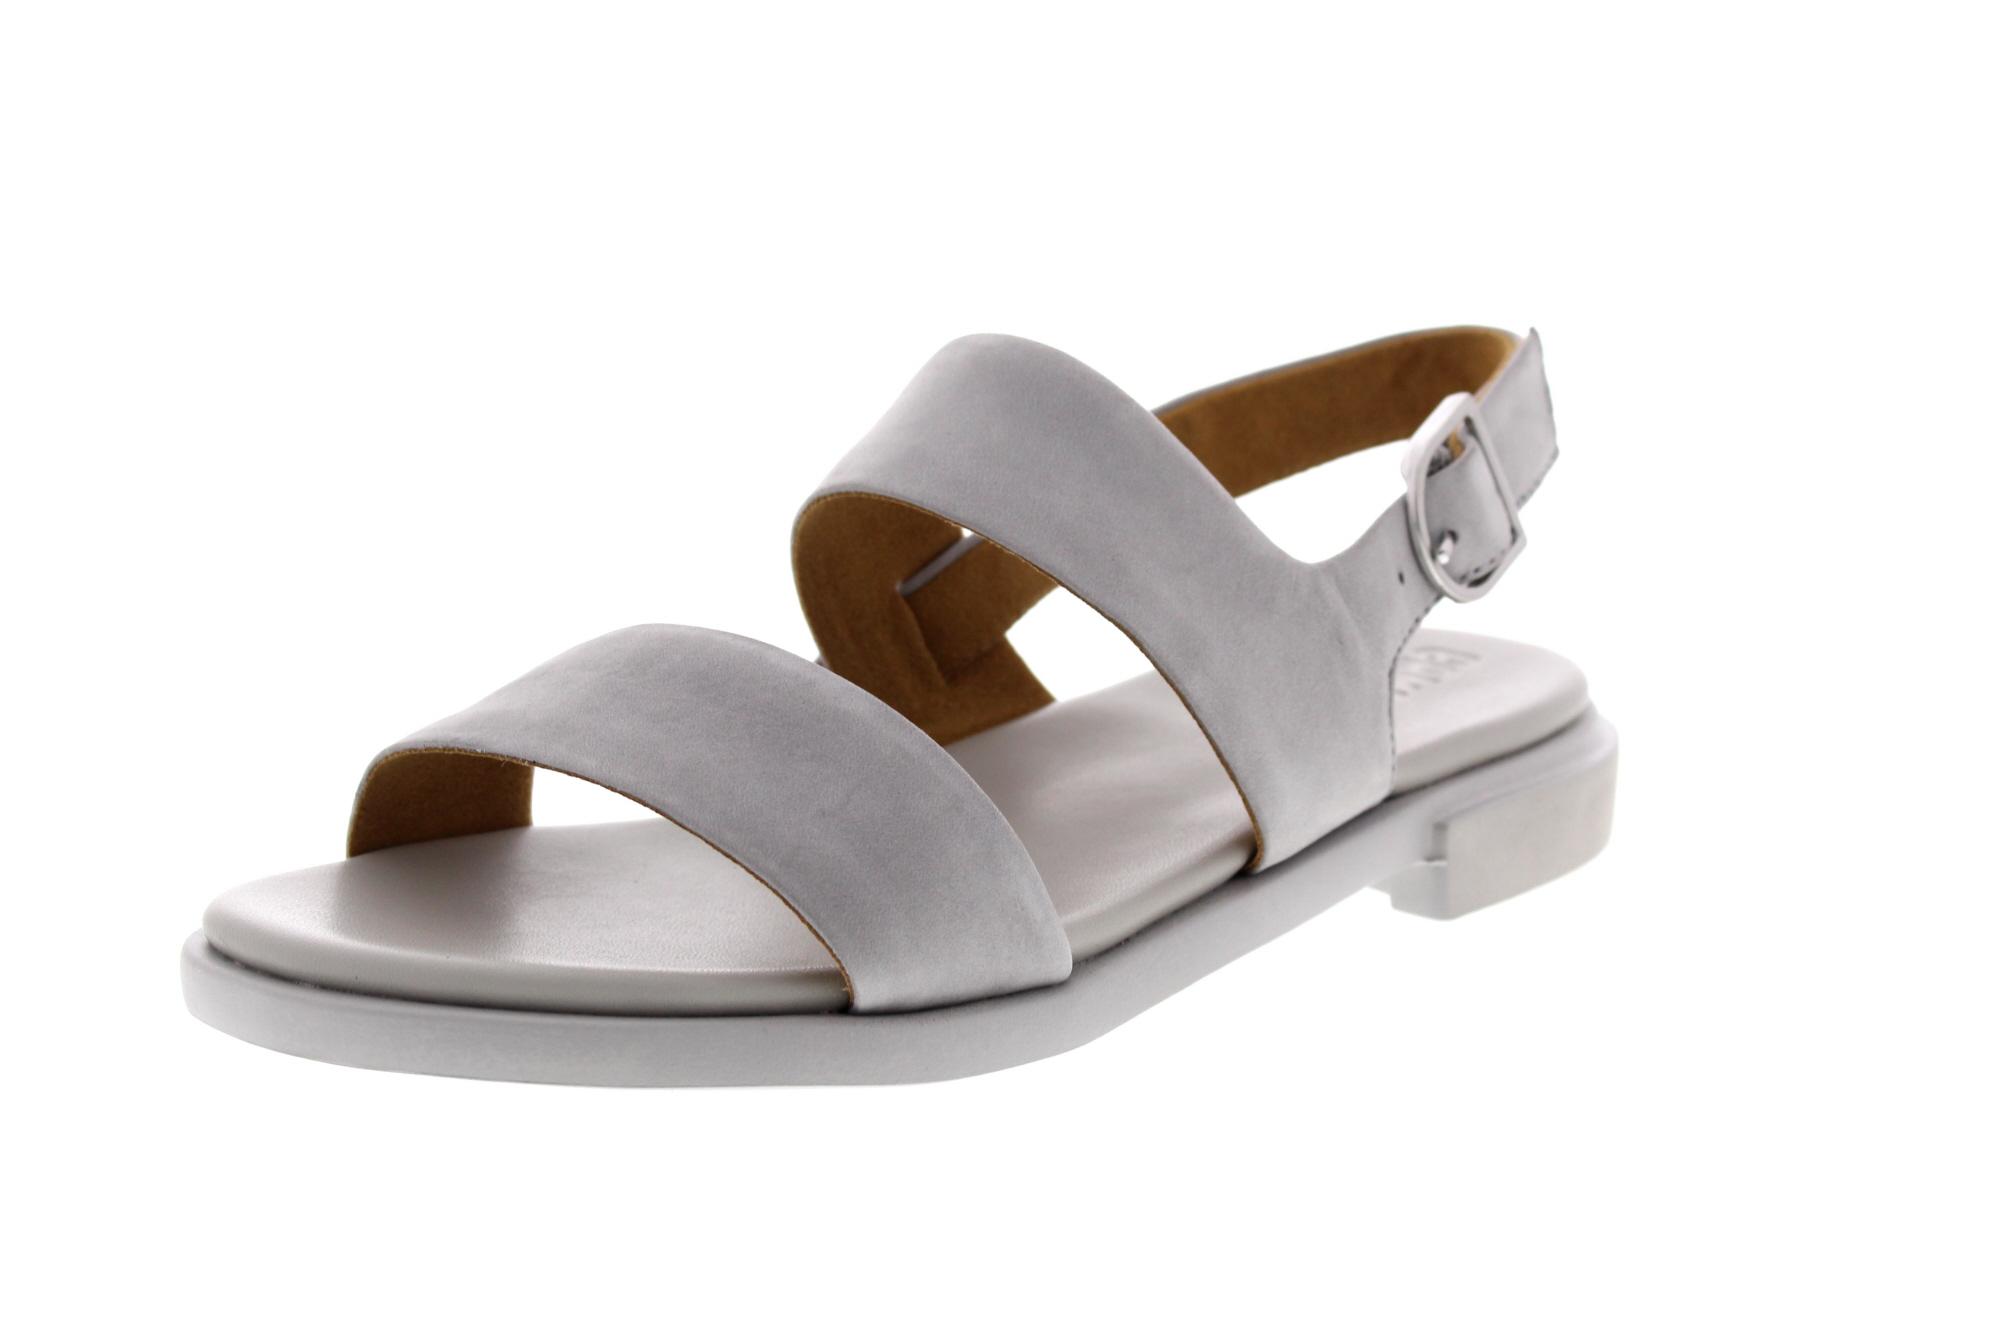 CAMPER Damen - Sandalette EDY K200573-003 - caliza0-6478